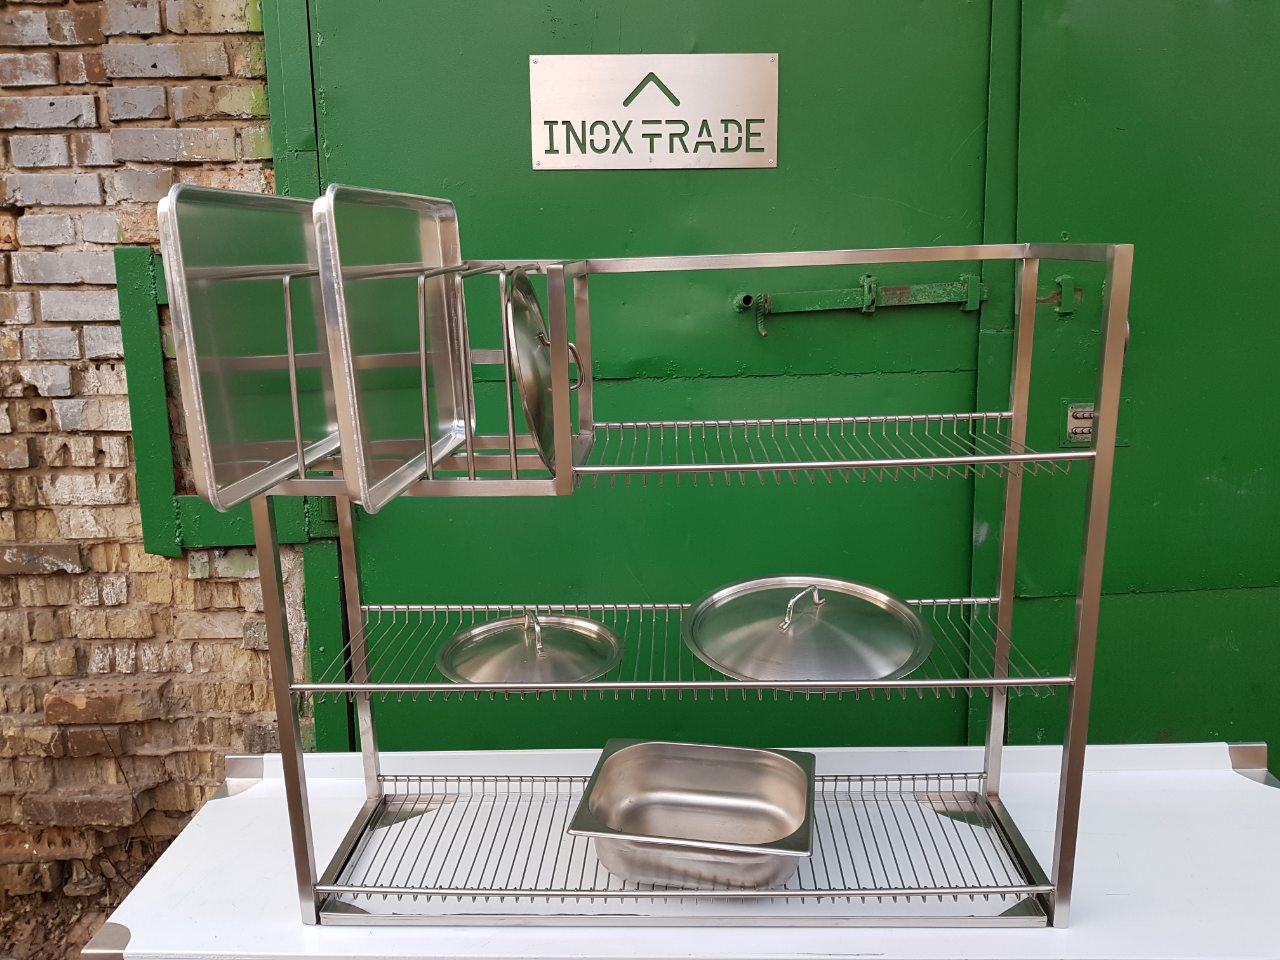 Полка для сушки посуды открытая 401 - фотография №5